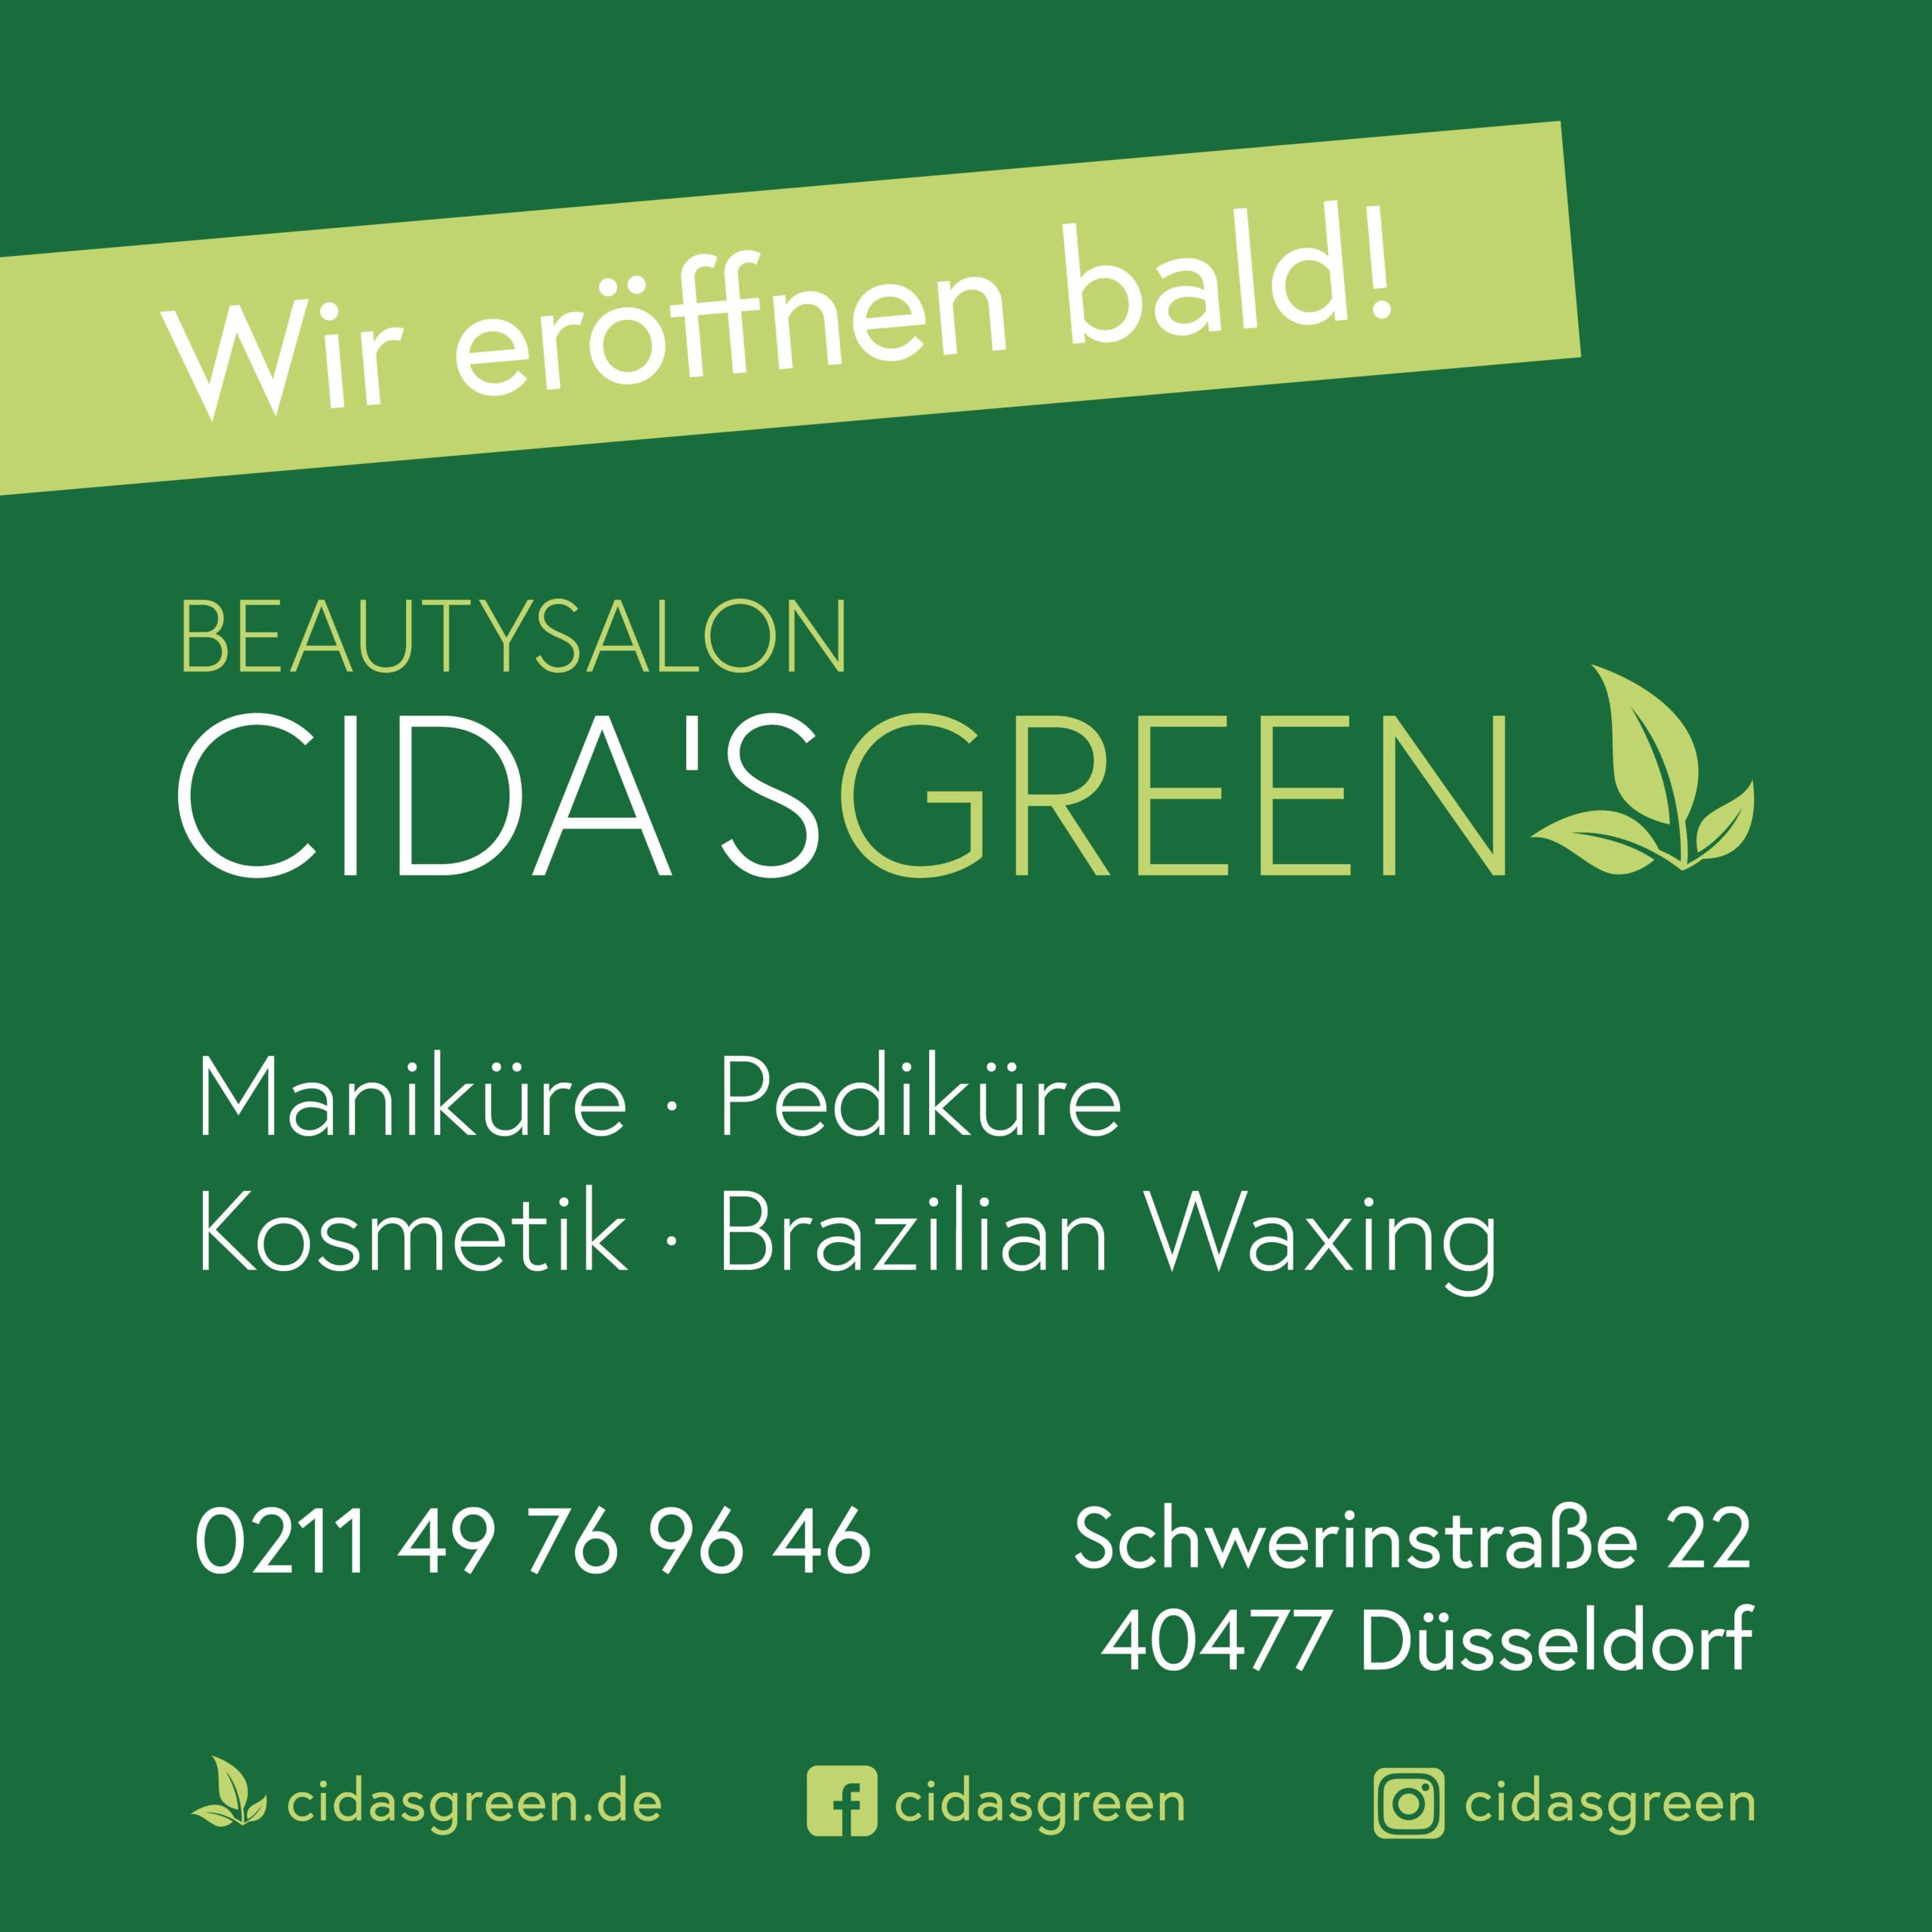 CIDA'S GREEN Wir eröffnen bald